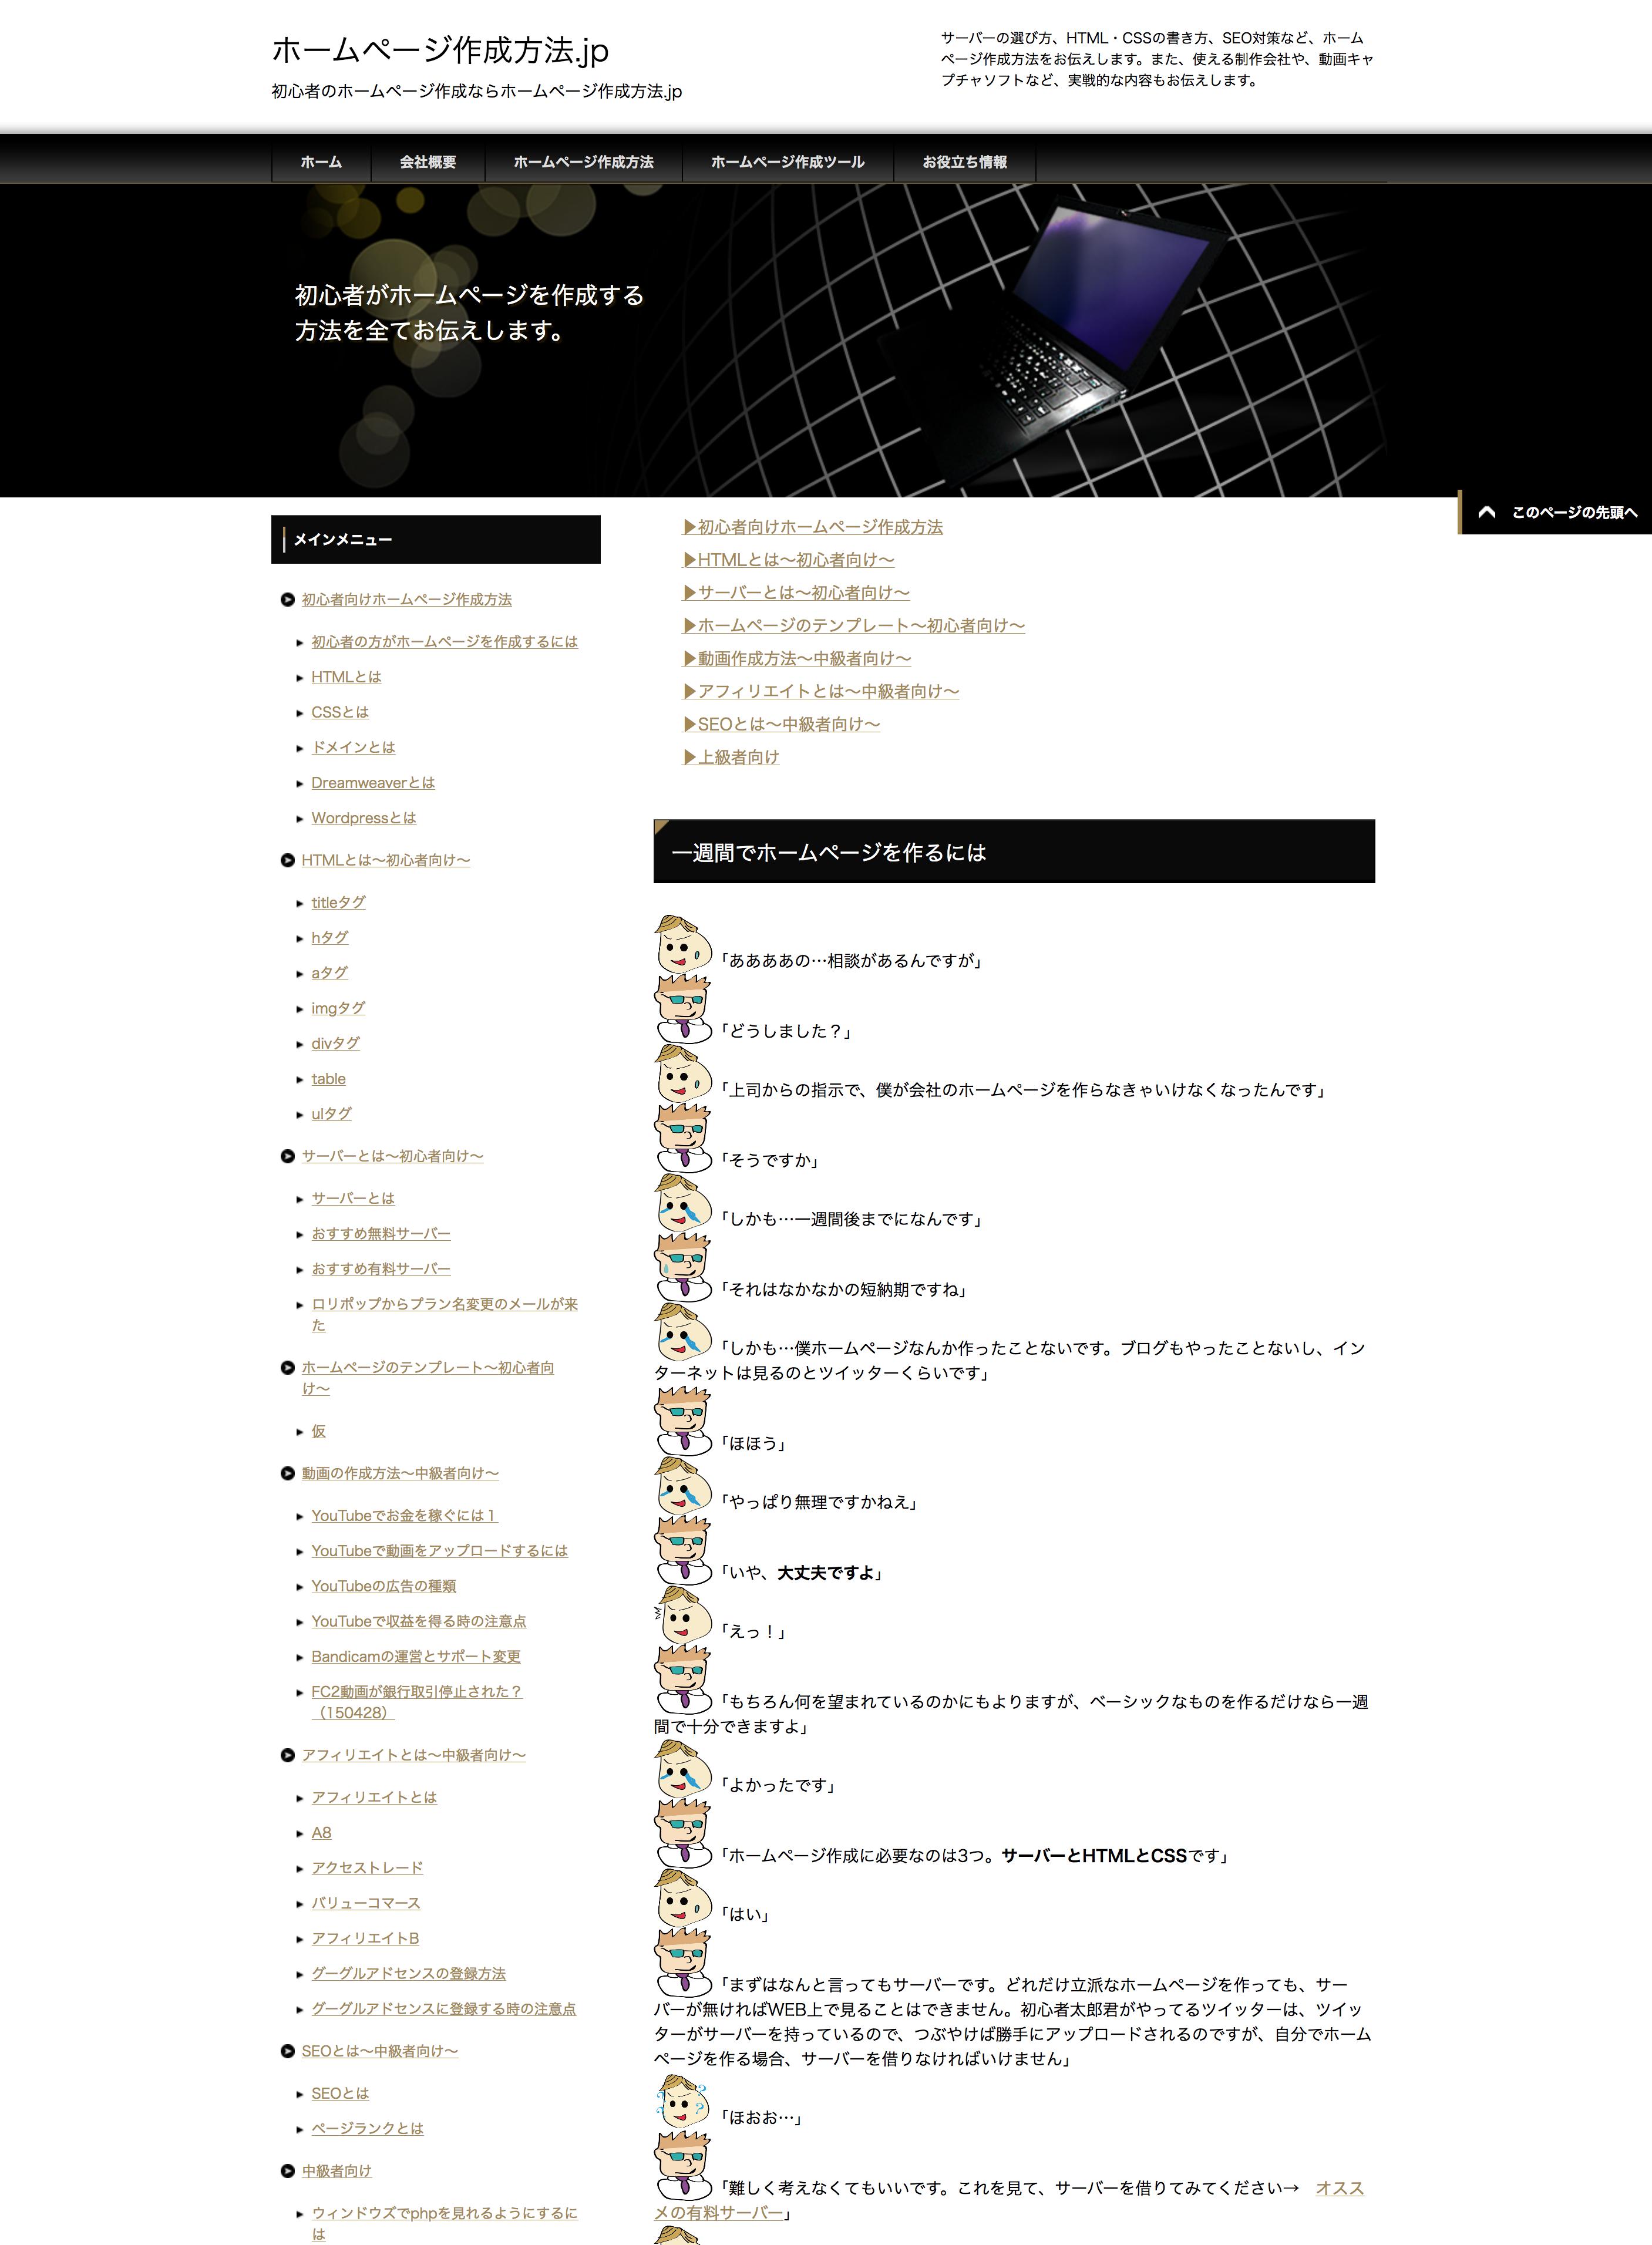 ホームページ作成方法